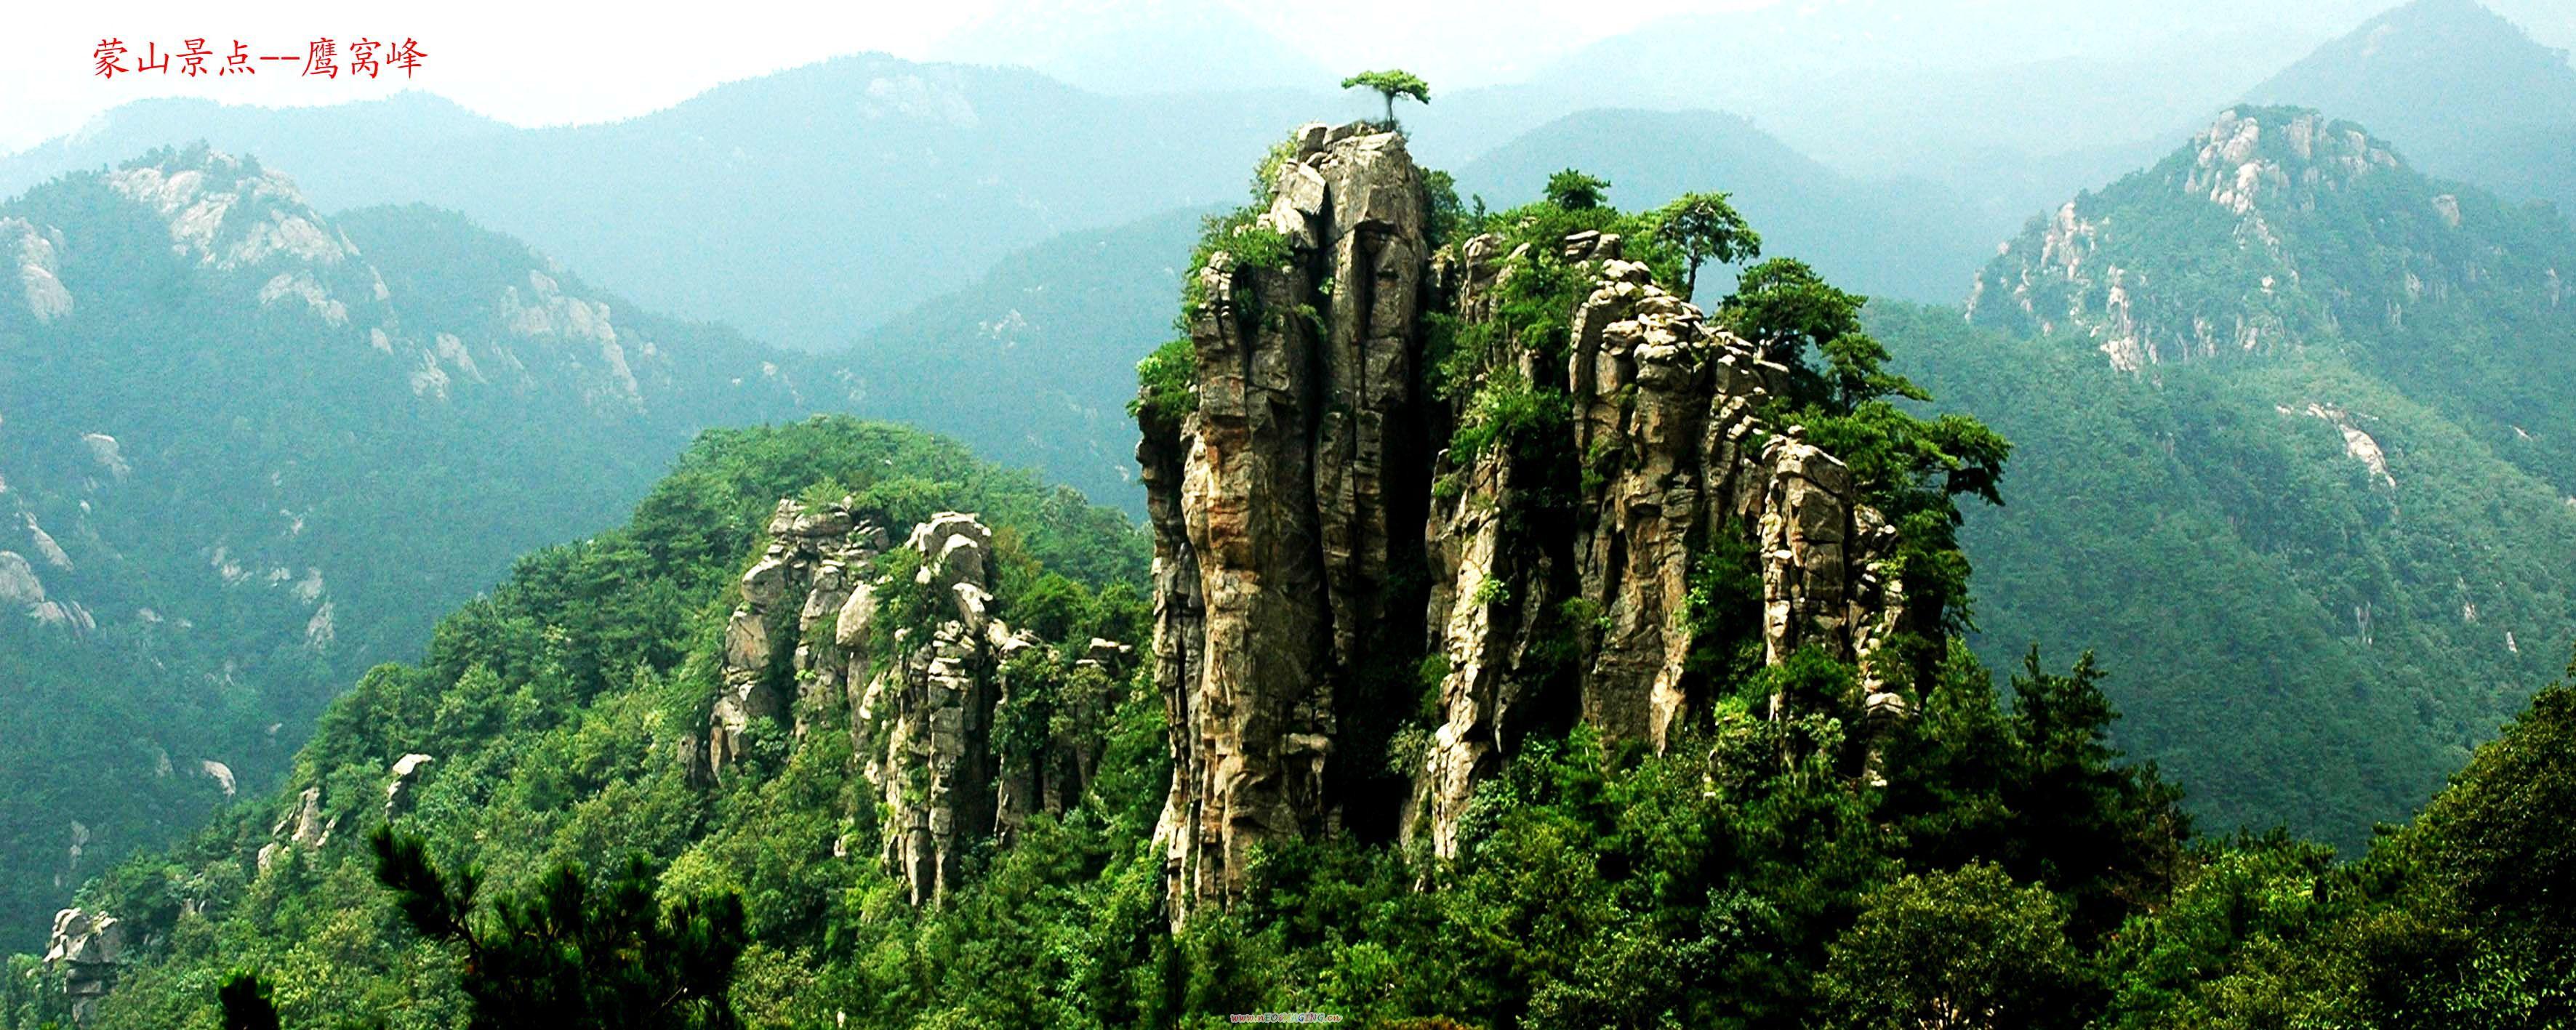 蒙山风景图片大全